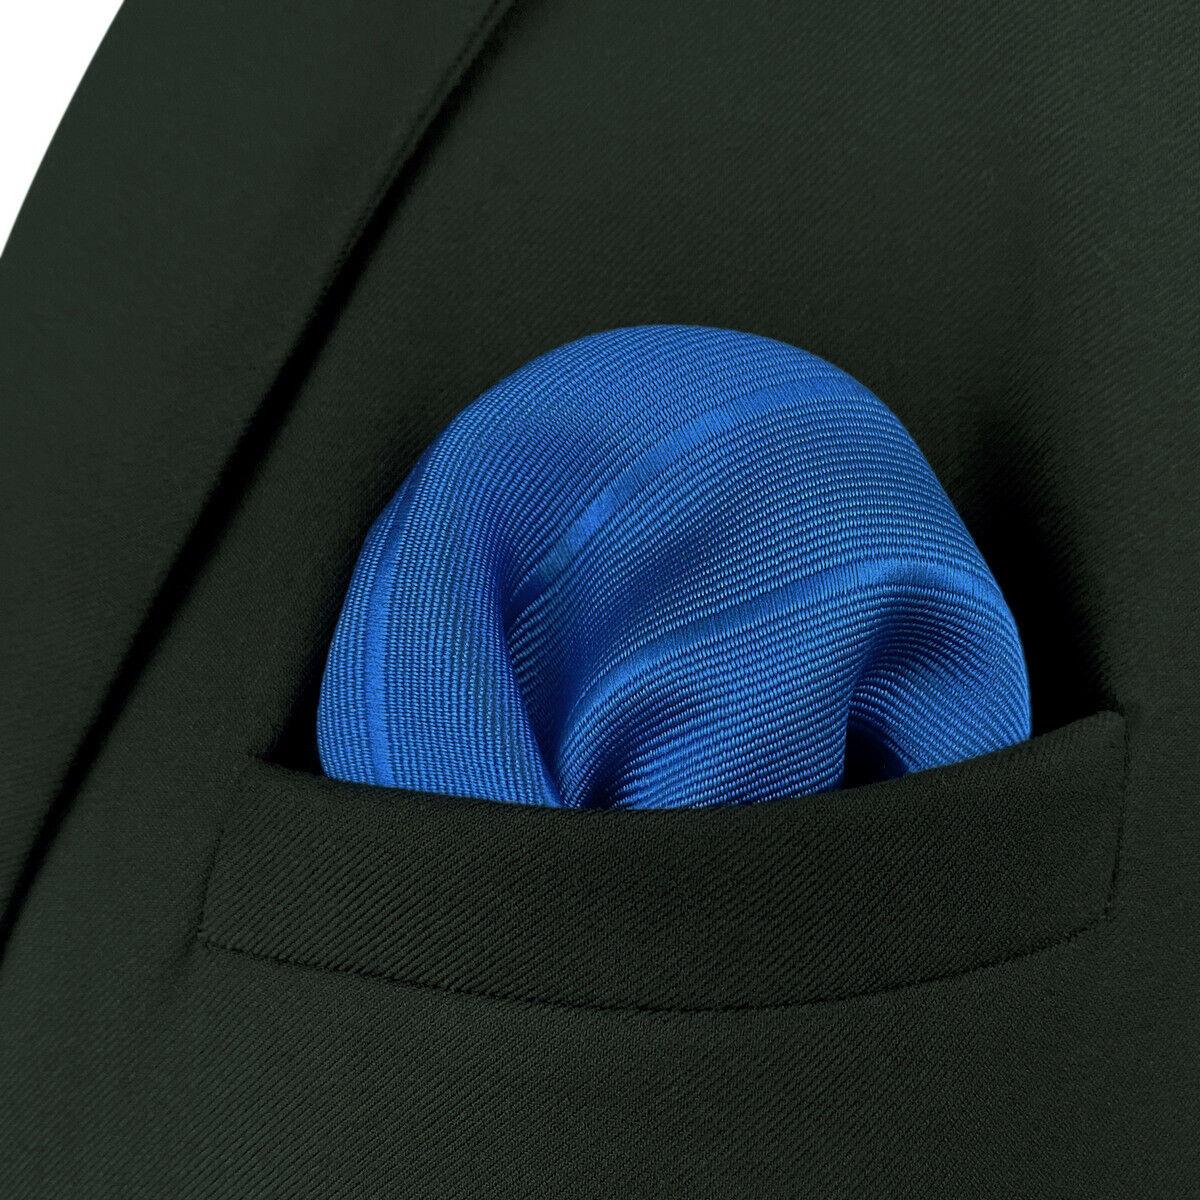 S&W SHLAX&WING Pocket Squares for Men Solid Color Royal Blue Striped Dark Fringe